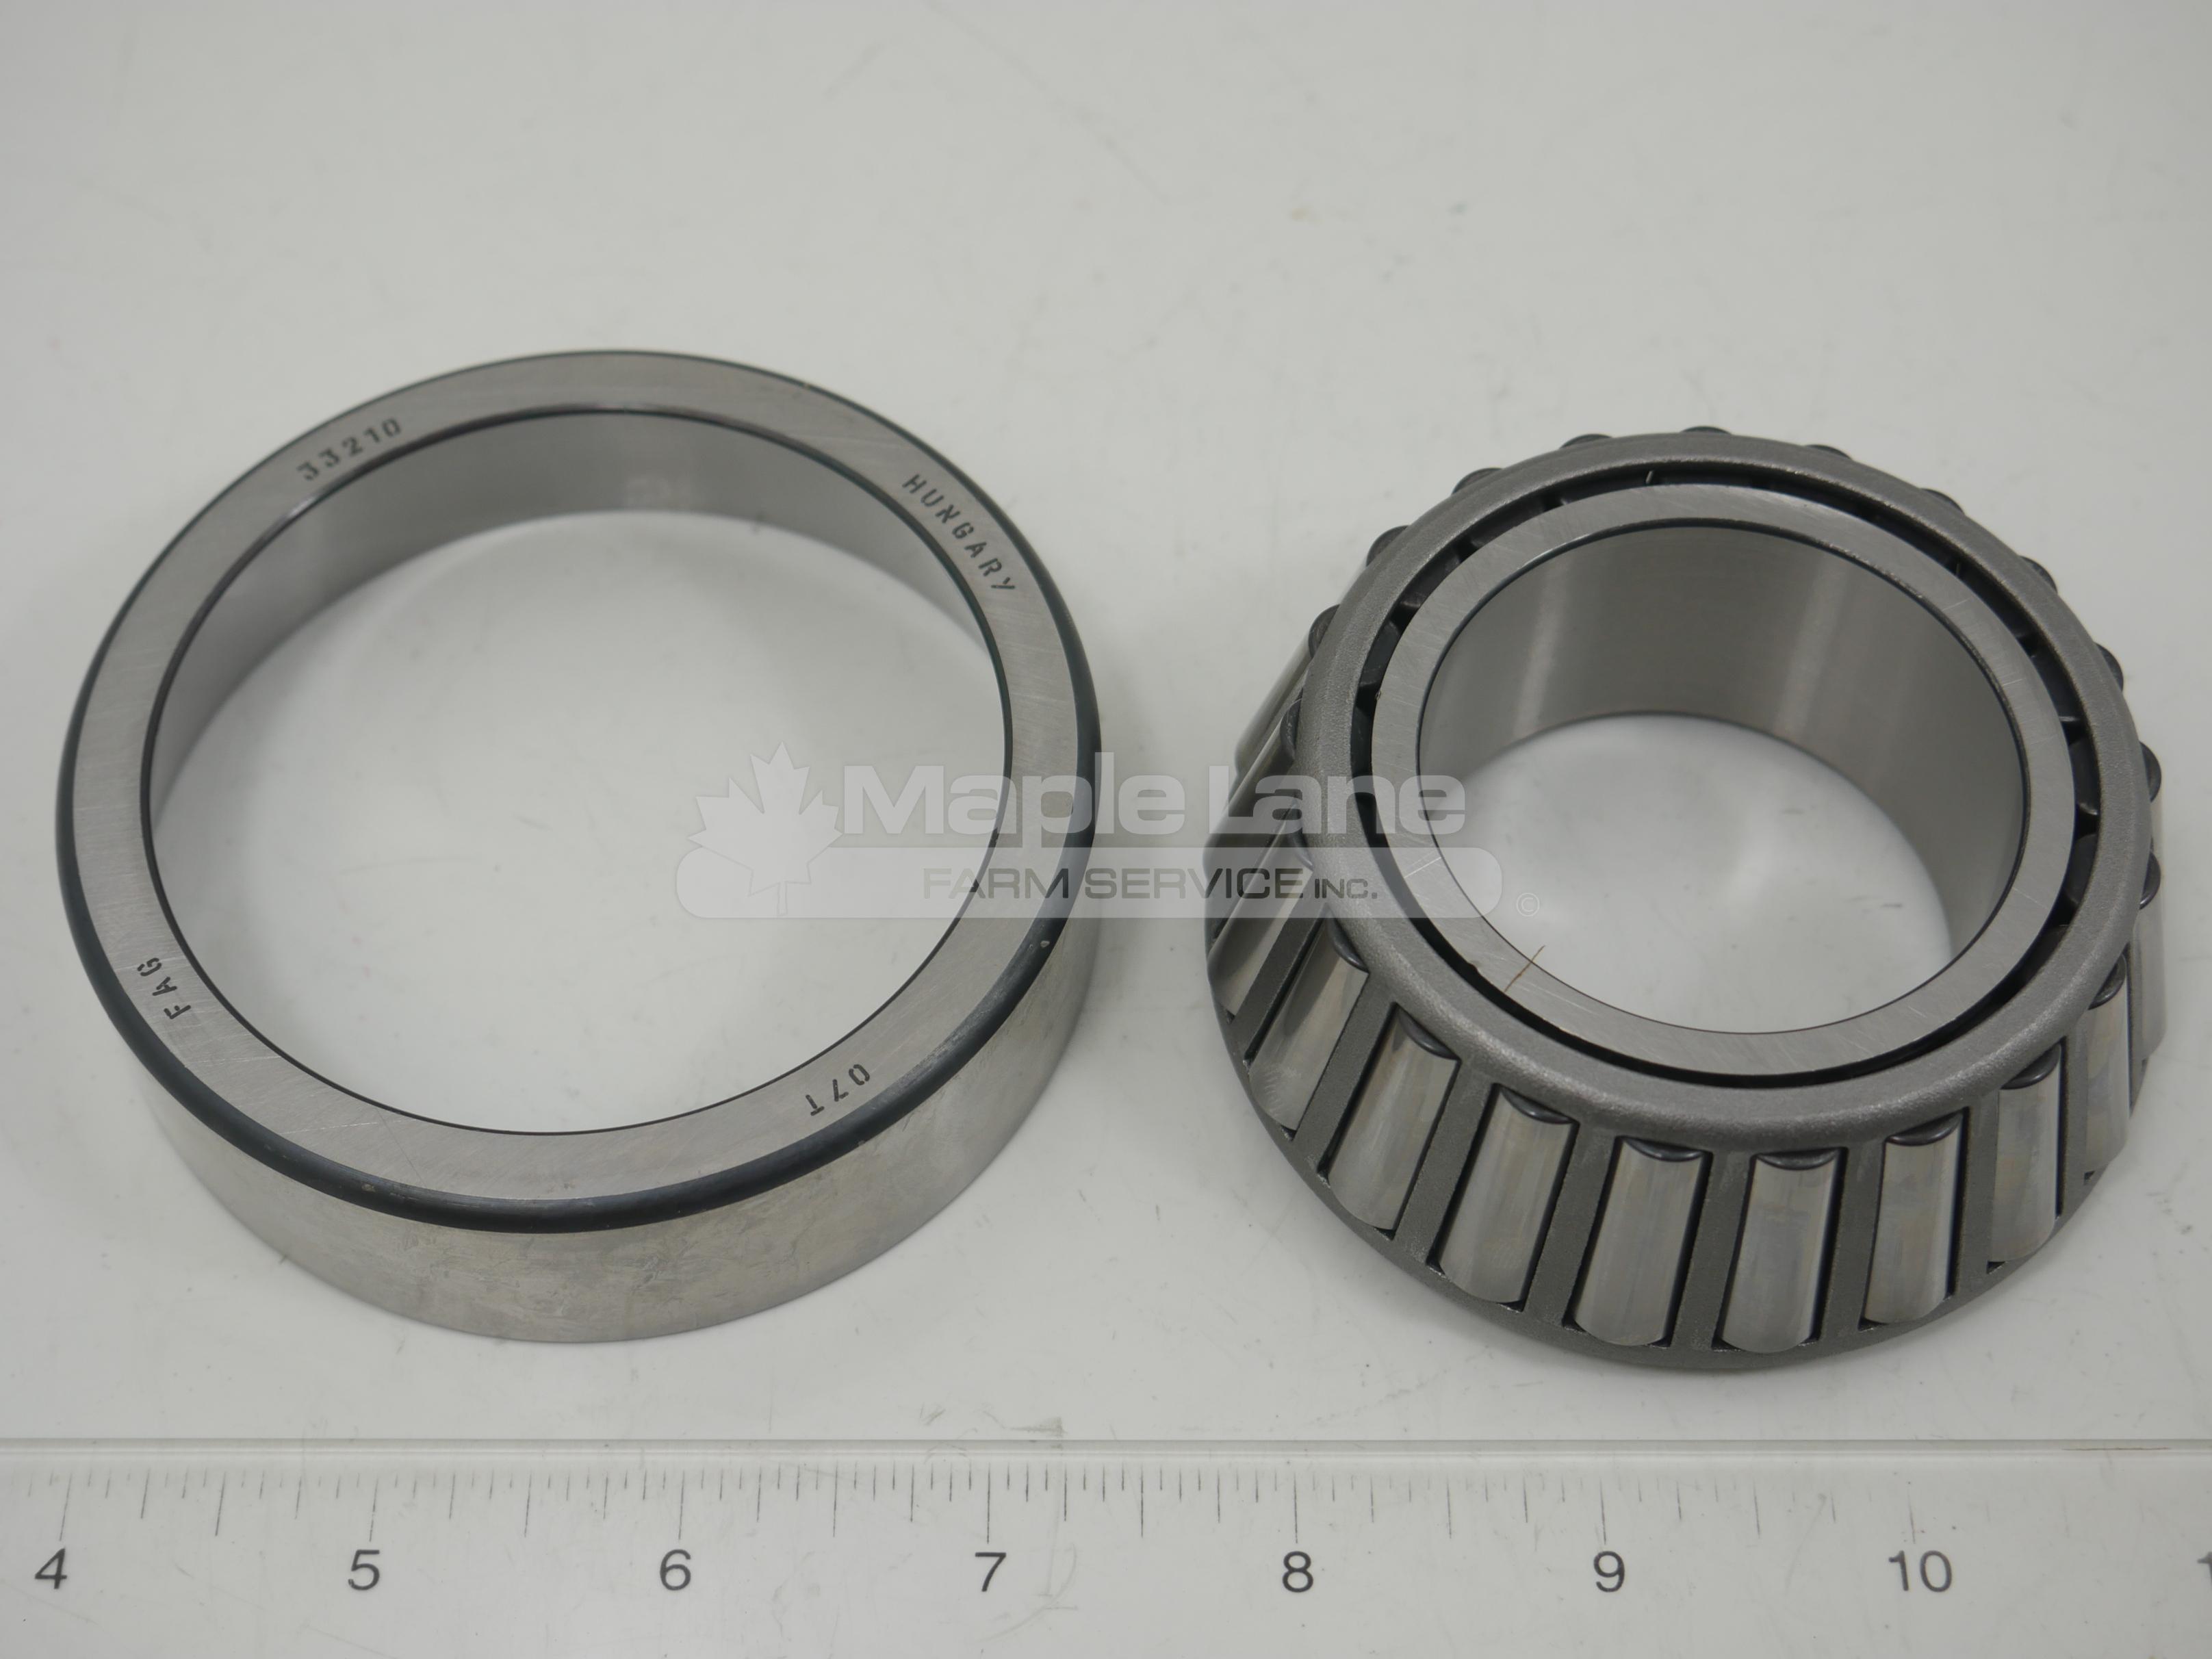 ACW7619800 Roller Bearing